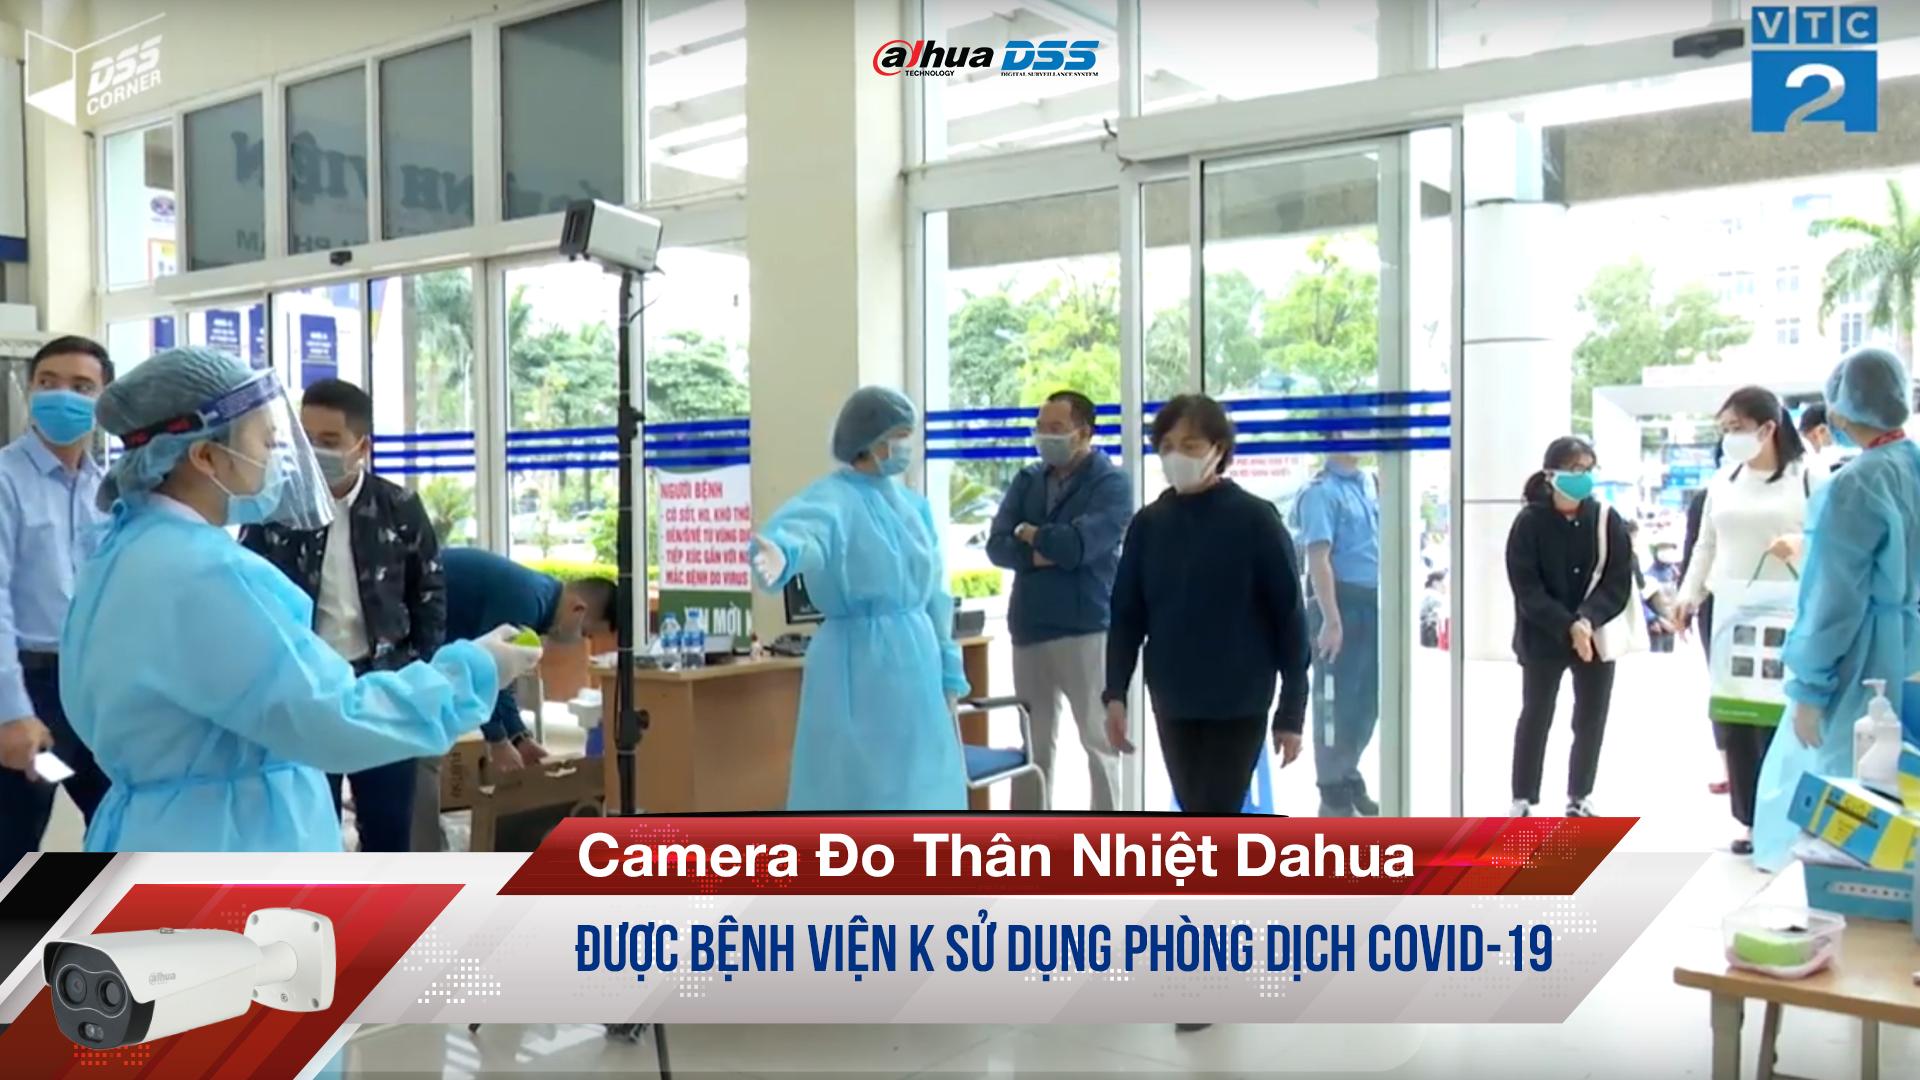 Camera đo thân nhiệt Dahua bệnh viện K đưa vào sử dụng